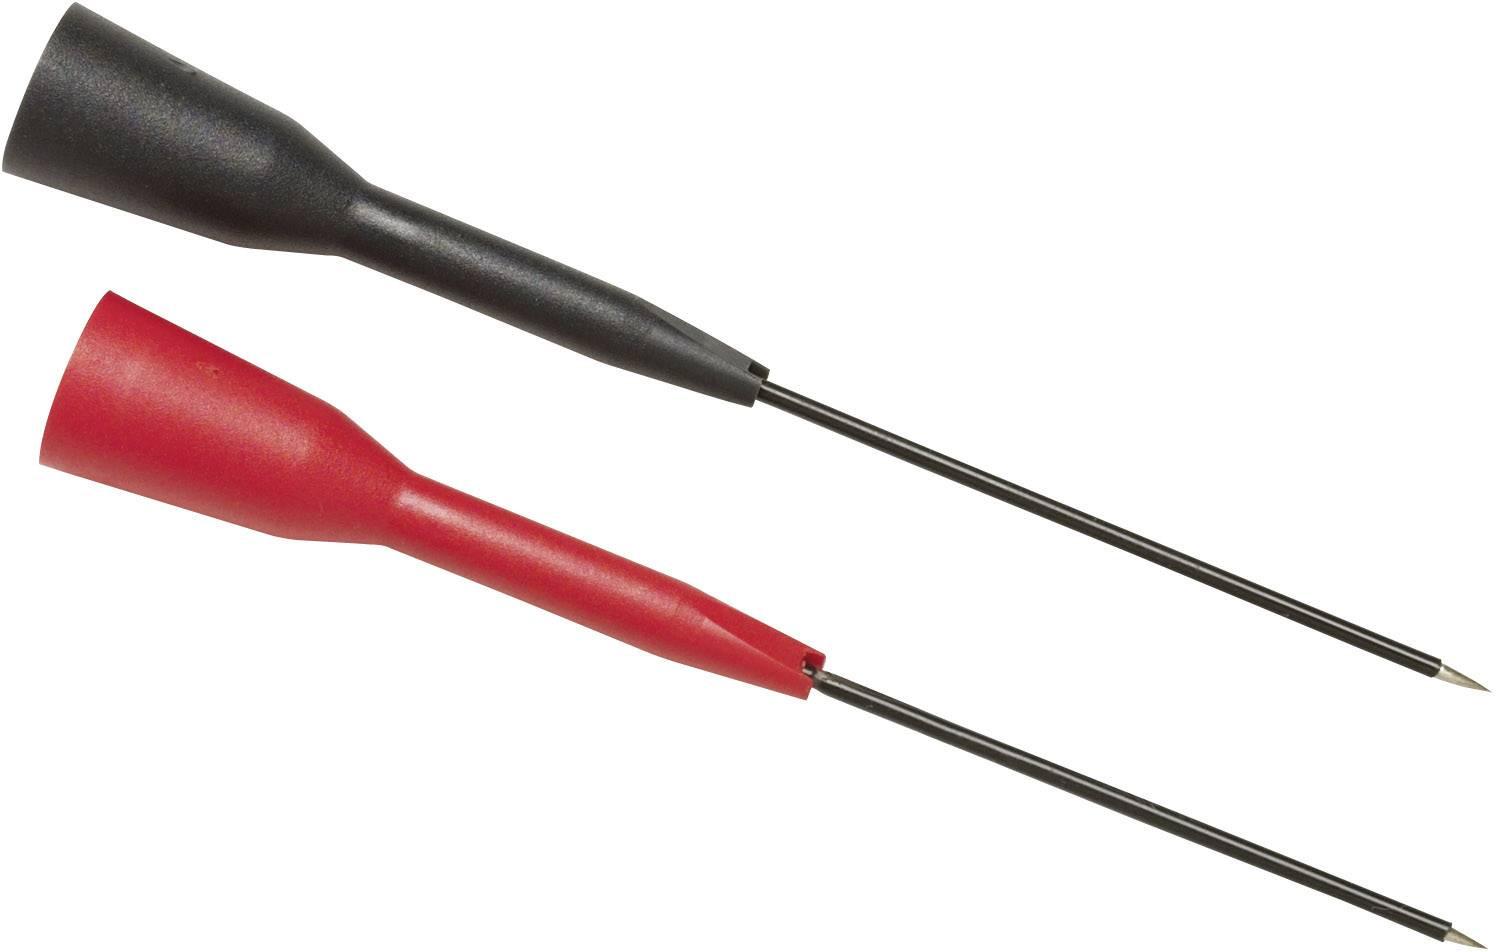 Súprava skúšobných hrotov Fluke TP88 zásuvka 2 mm CAT I, červená, čierna